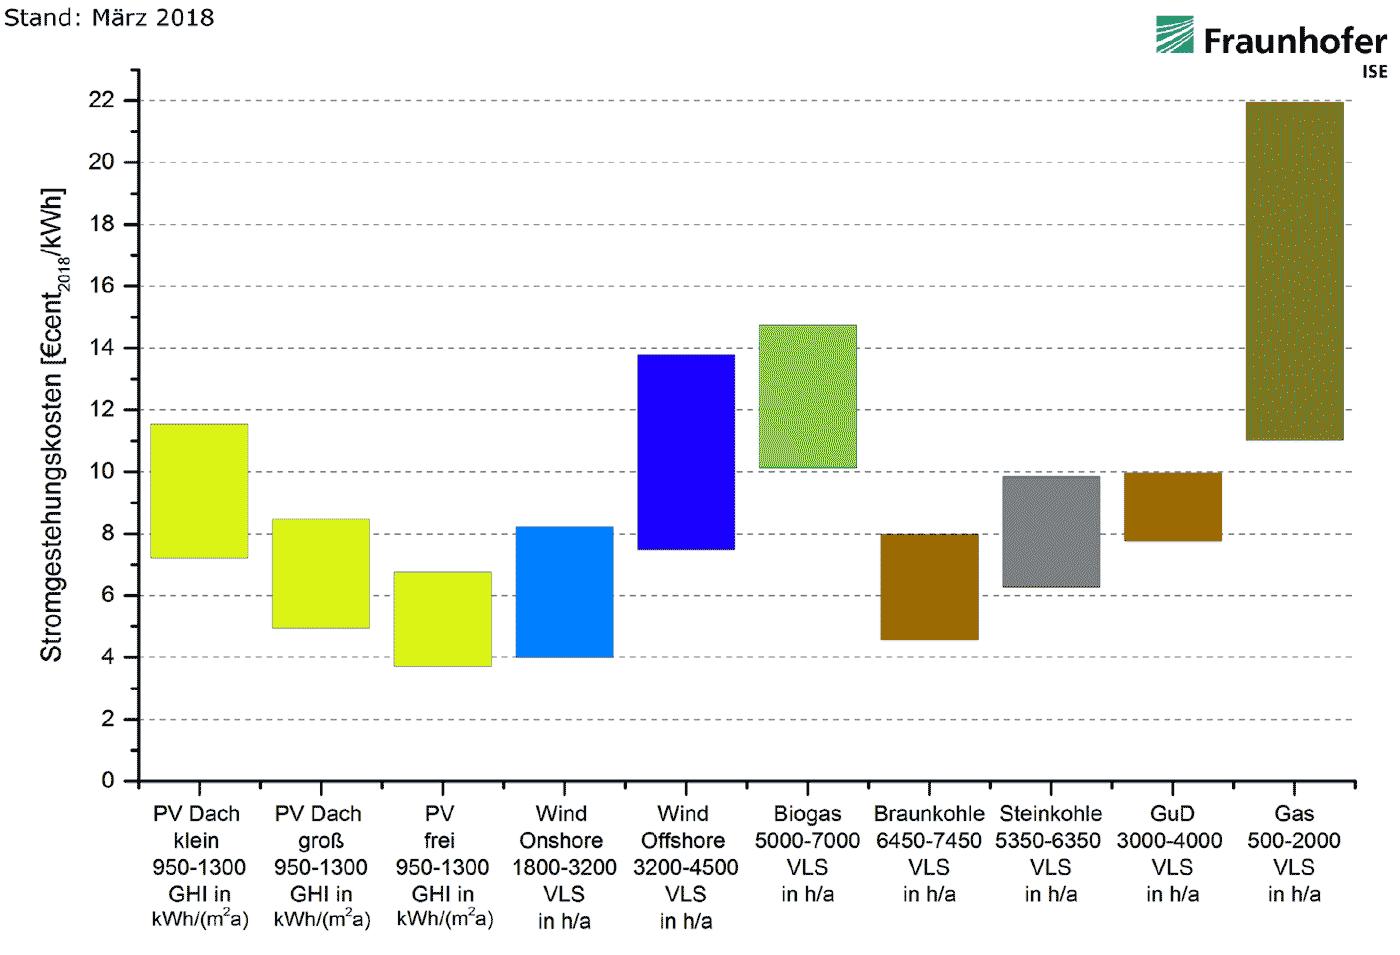 Stromgestehungskosten für erneuerbare Energien und konventionelle Kraftwerke an Standorten in Deutschland, 2018; Quelle: Fraunhofer ISE